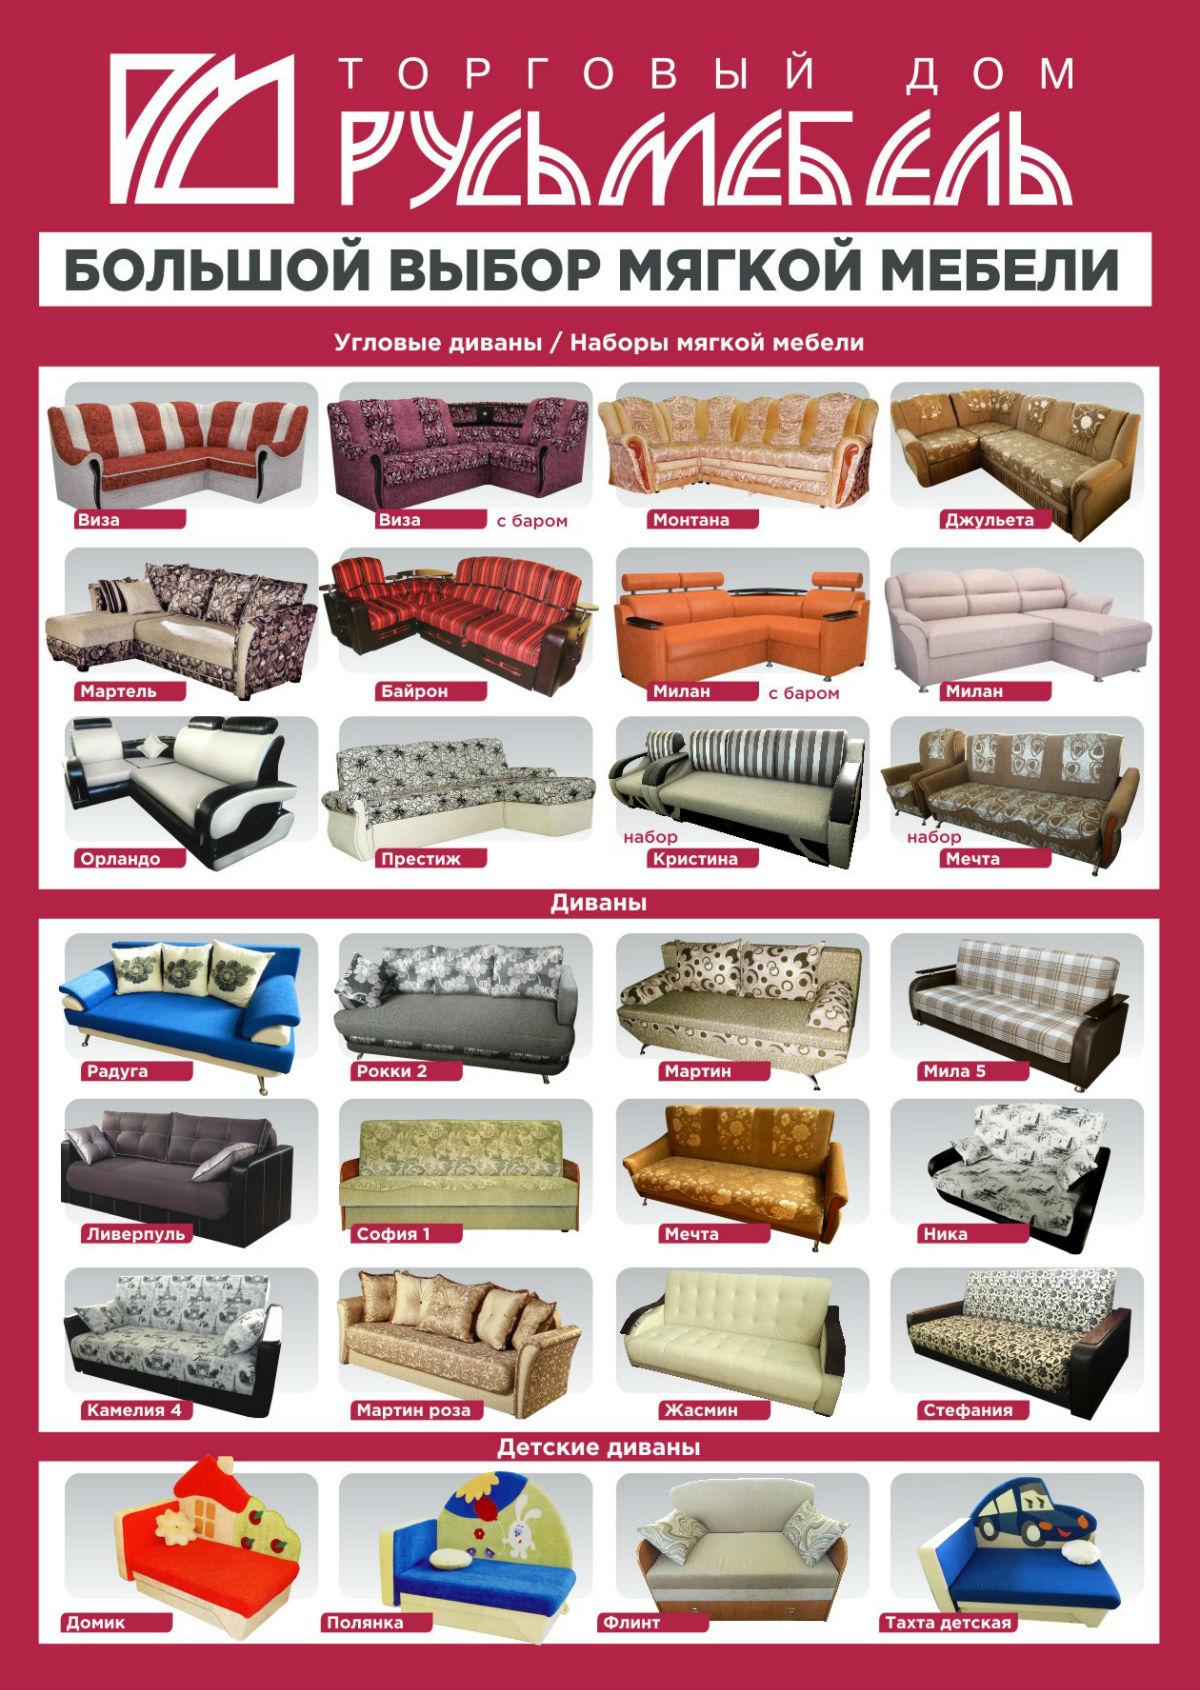 Каталог фабрики «Русьмебель»